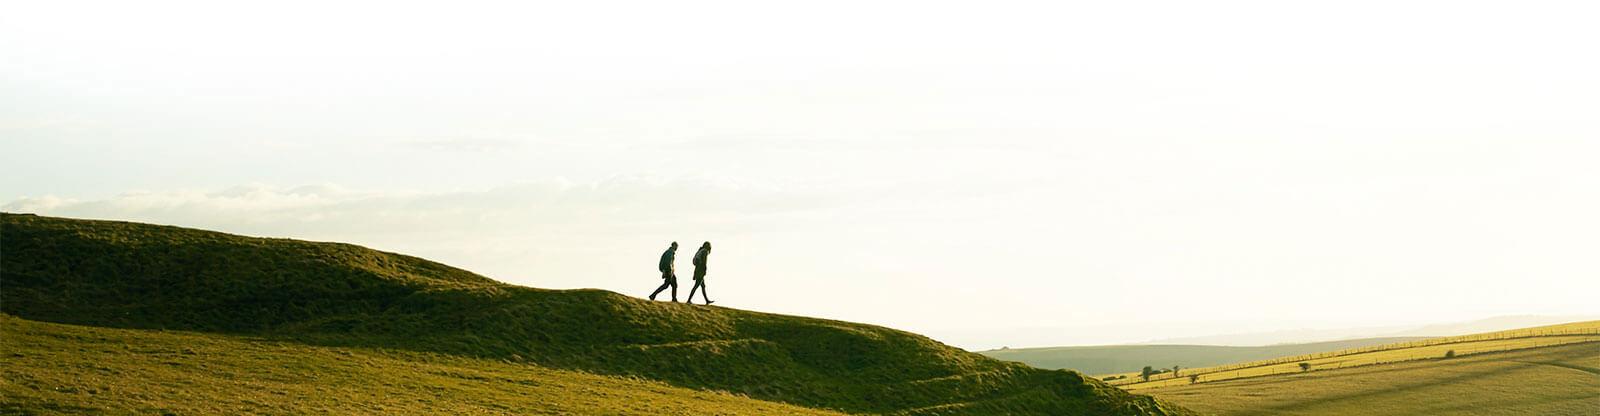 landscape people walking